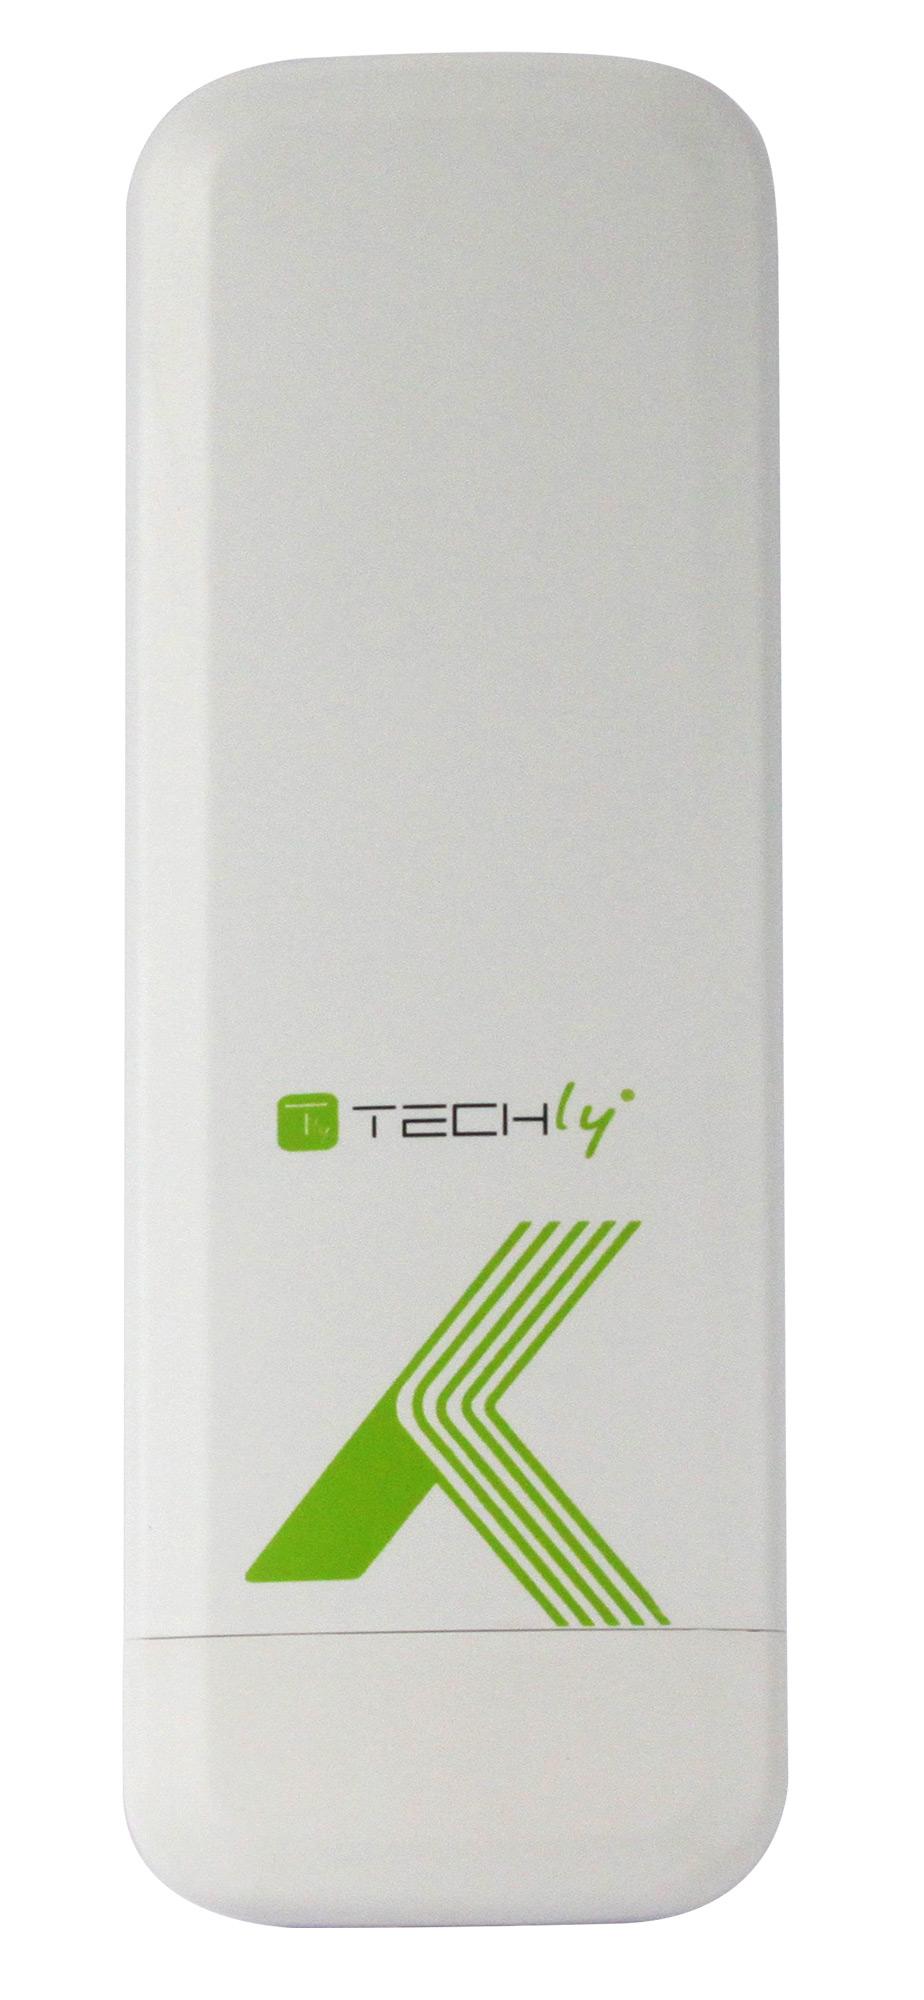 CPE Punto-Punto 300Mbps a 5.8GHz 15dBi